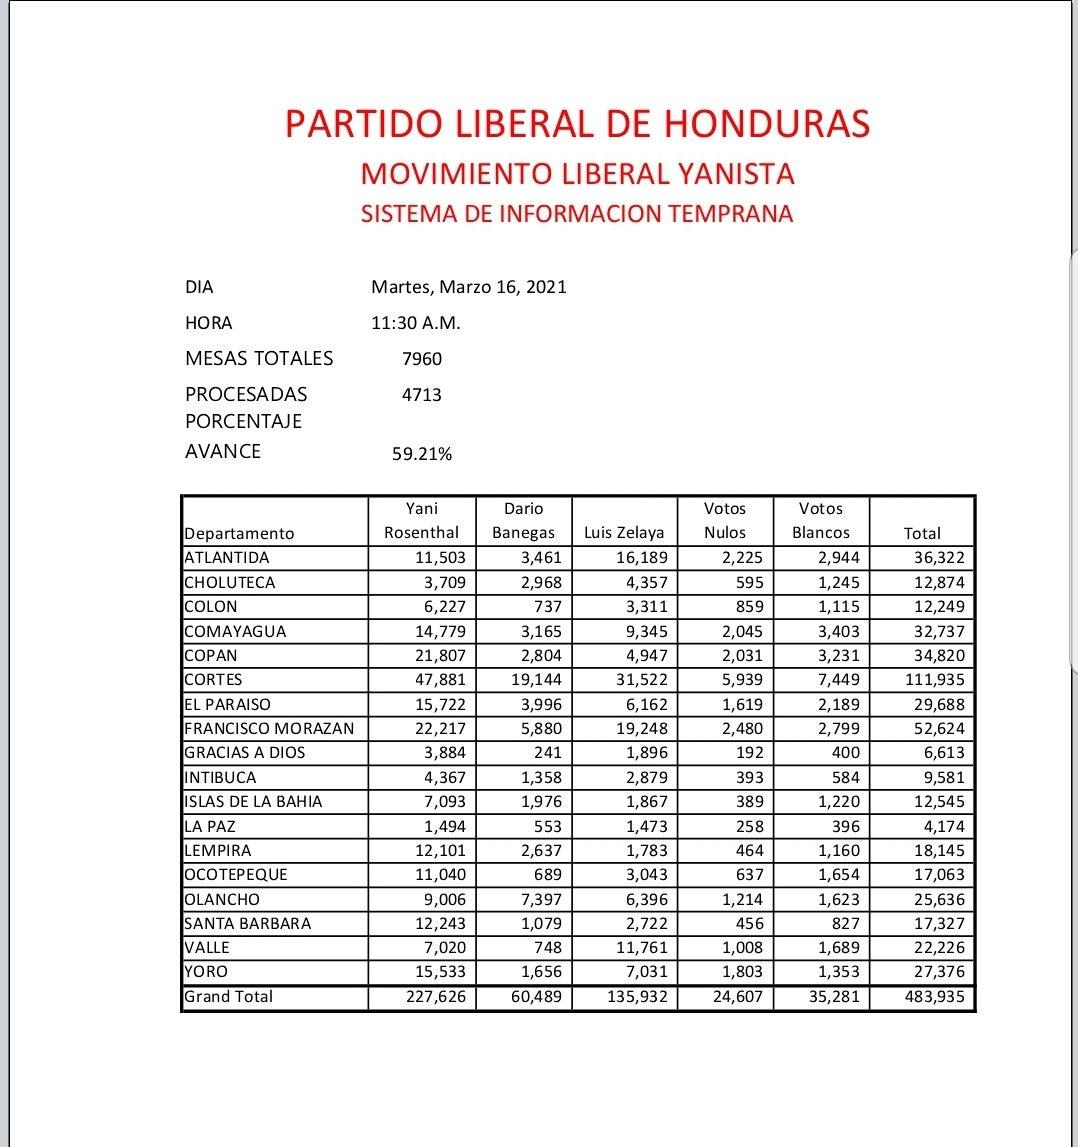 Datos obtenidos por el Movimiento Yanista.